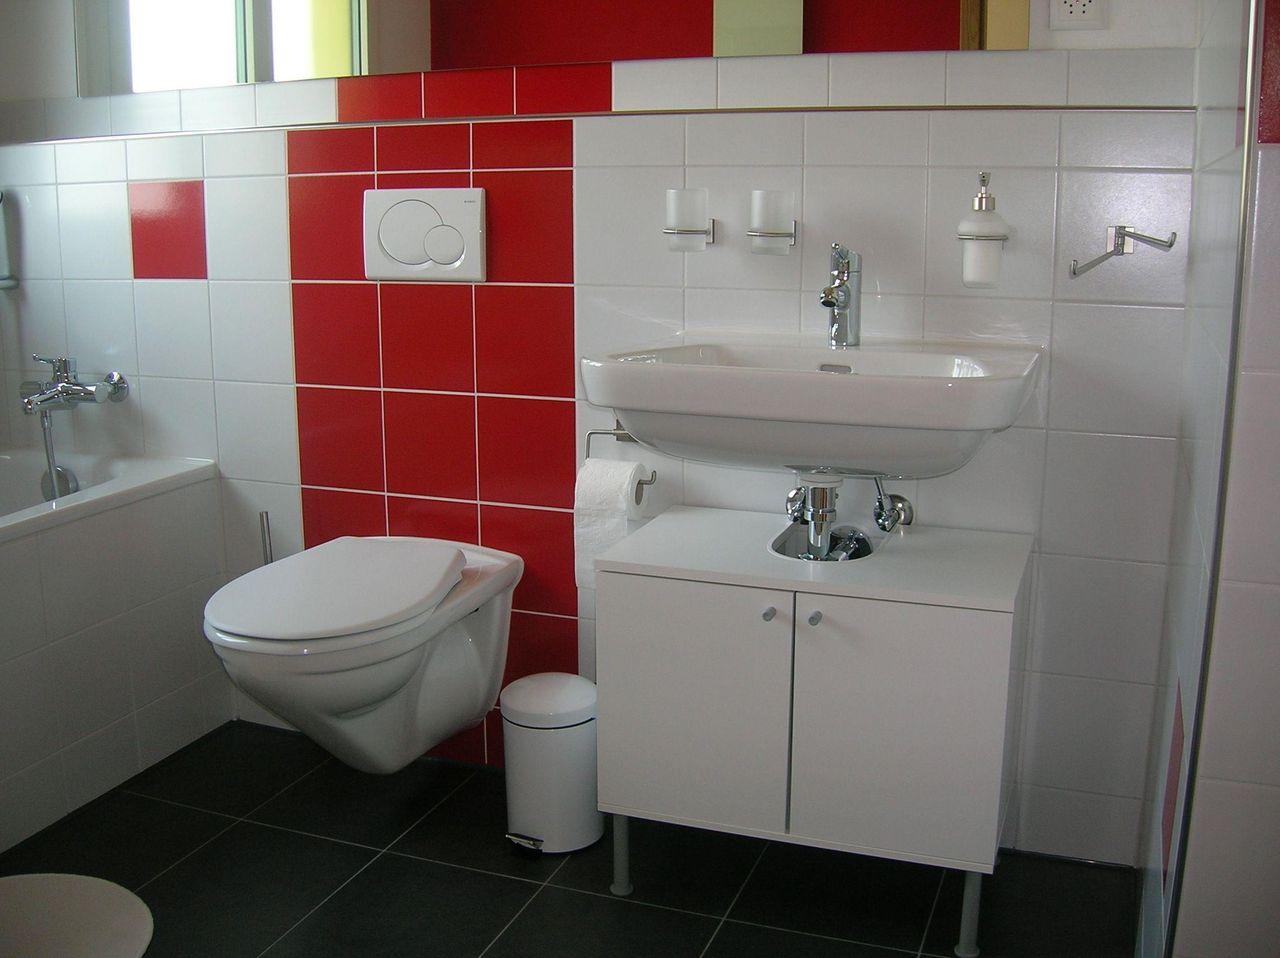 Ferienhaus Sonnehöfli / Fam. Unternährer